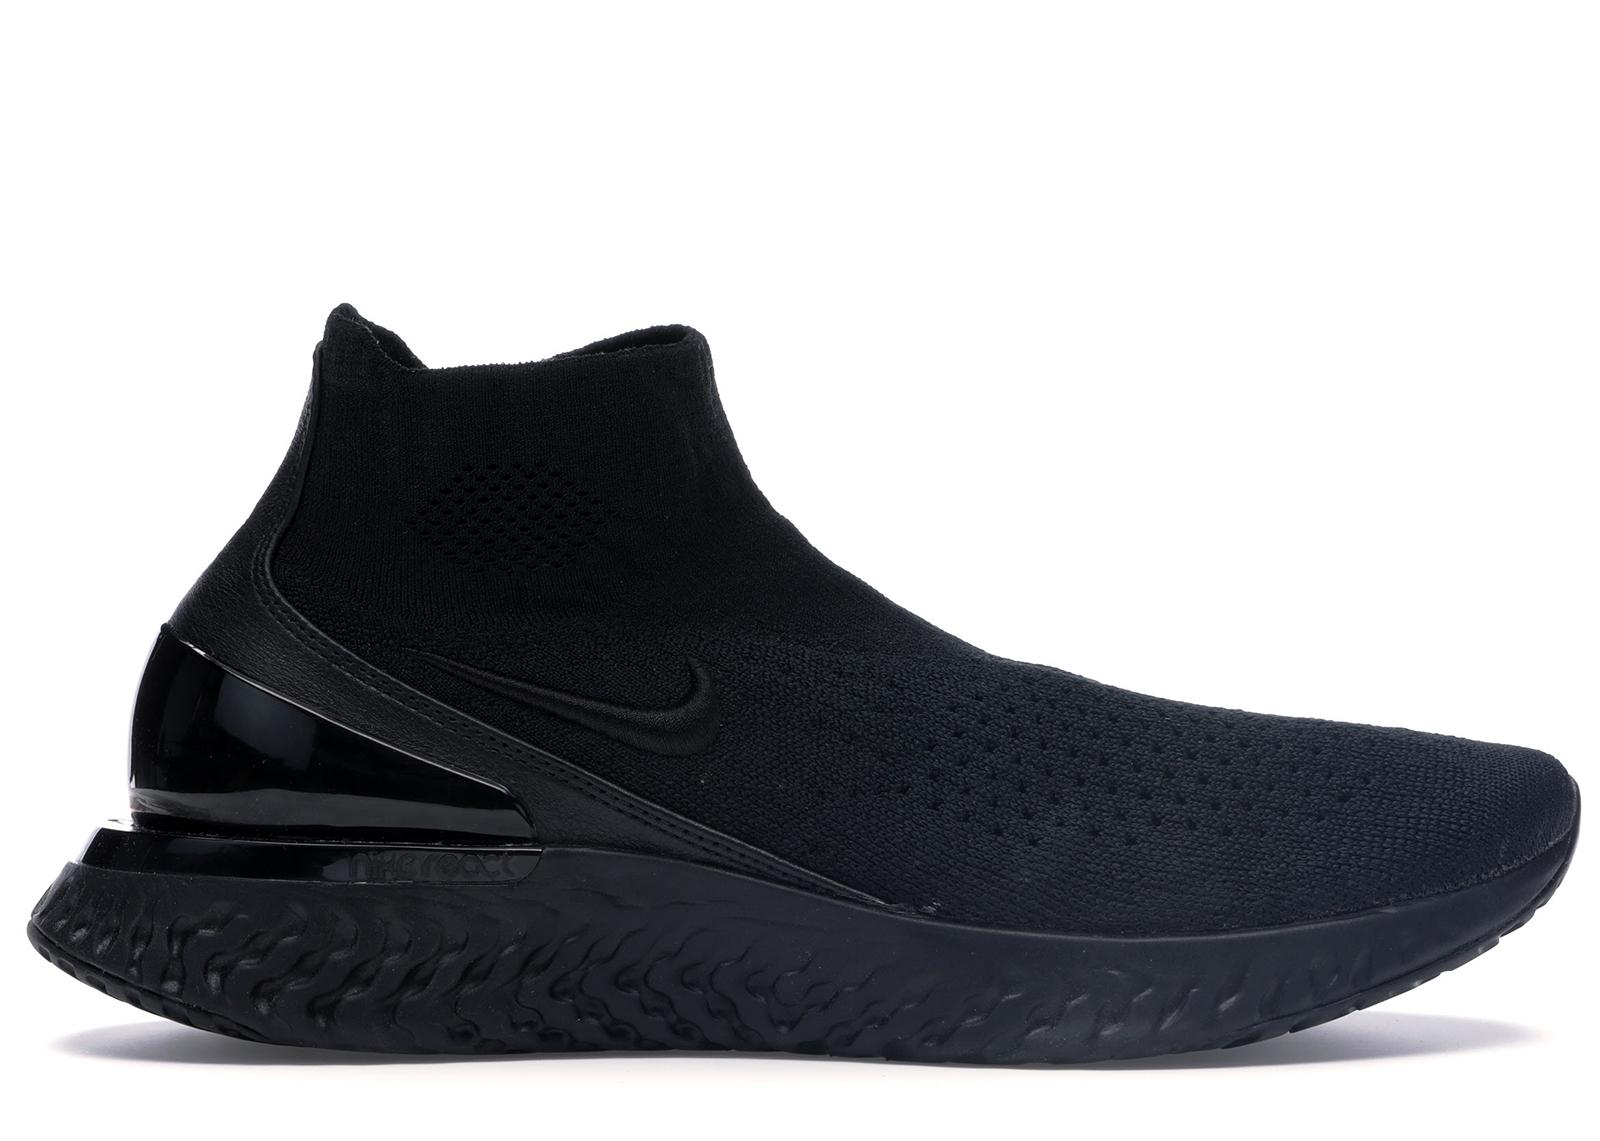 React Nike Flyknit Black Triple Rise AV5554 003 lK1TJFc